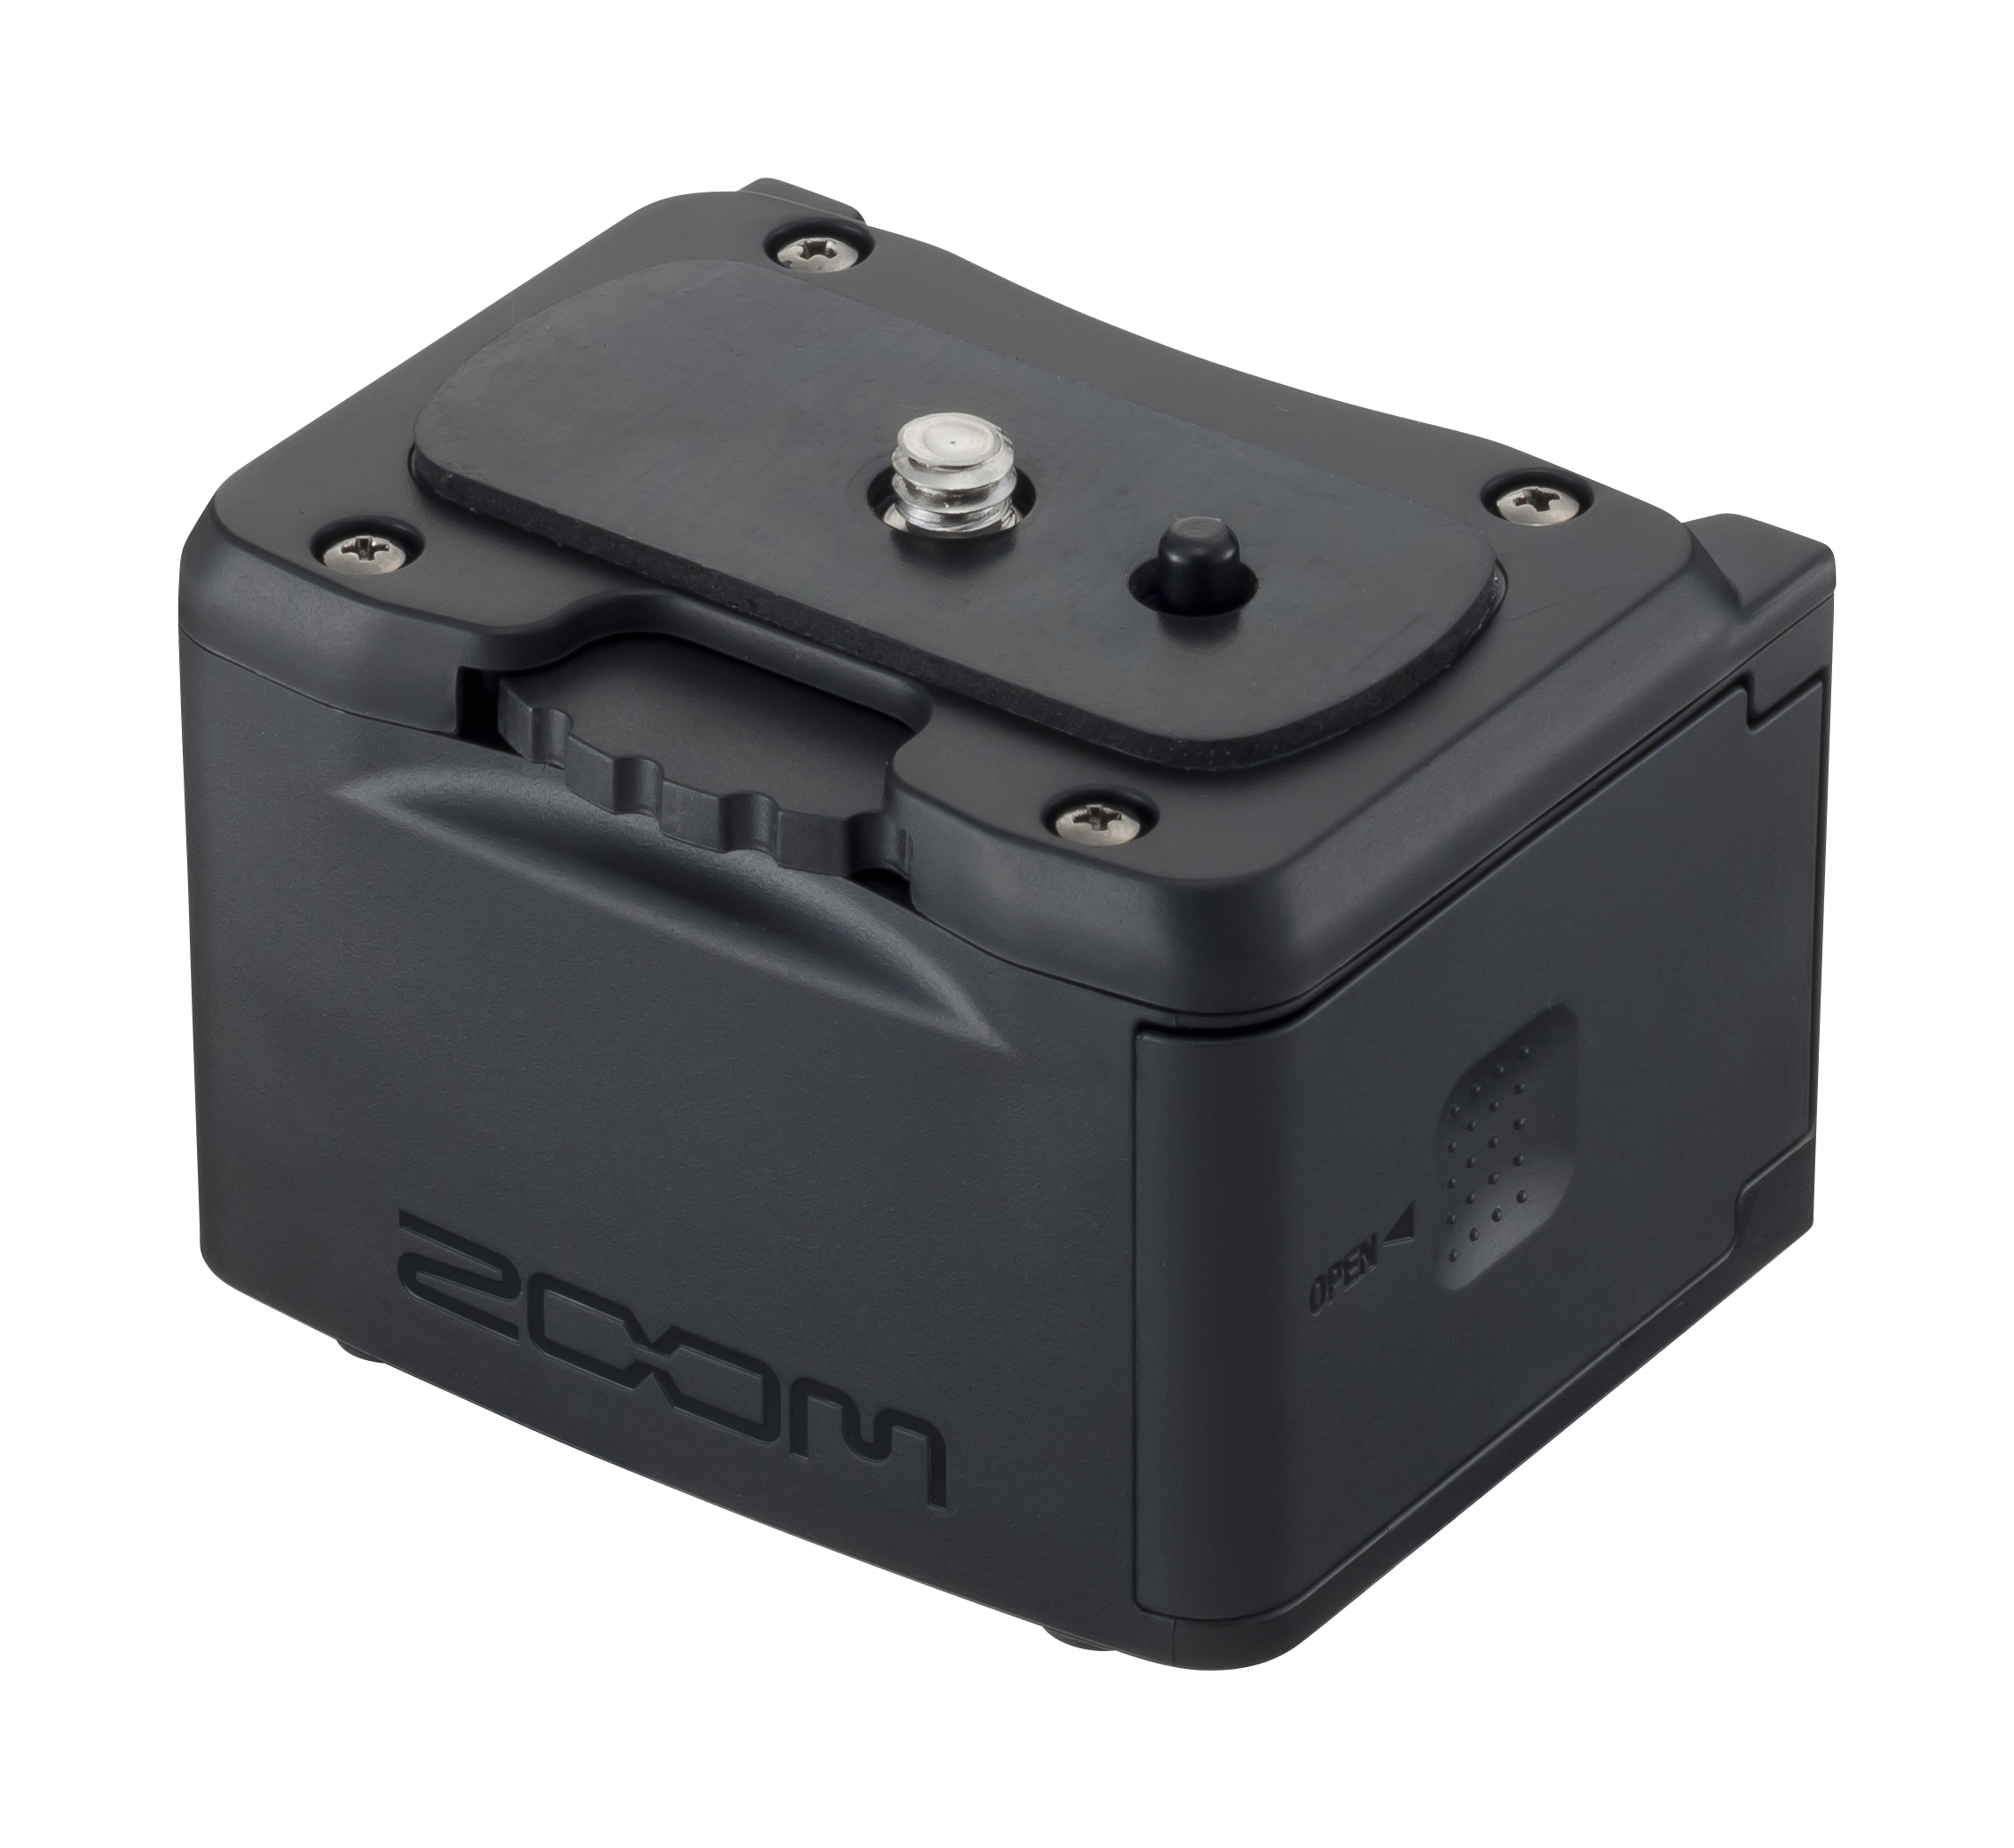 Zoom BCQ-2n - oryginalny pojemnik na akumulatory do Zoom Q2n/Q2n-4k Zoom BCQ-2n - battery pack do Q2n/Q2n-4k